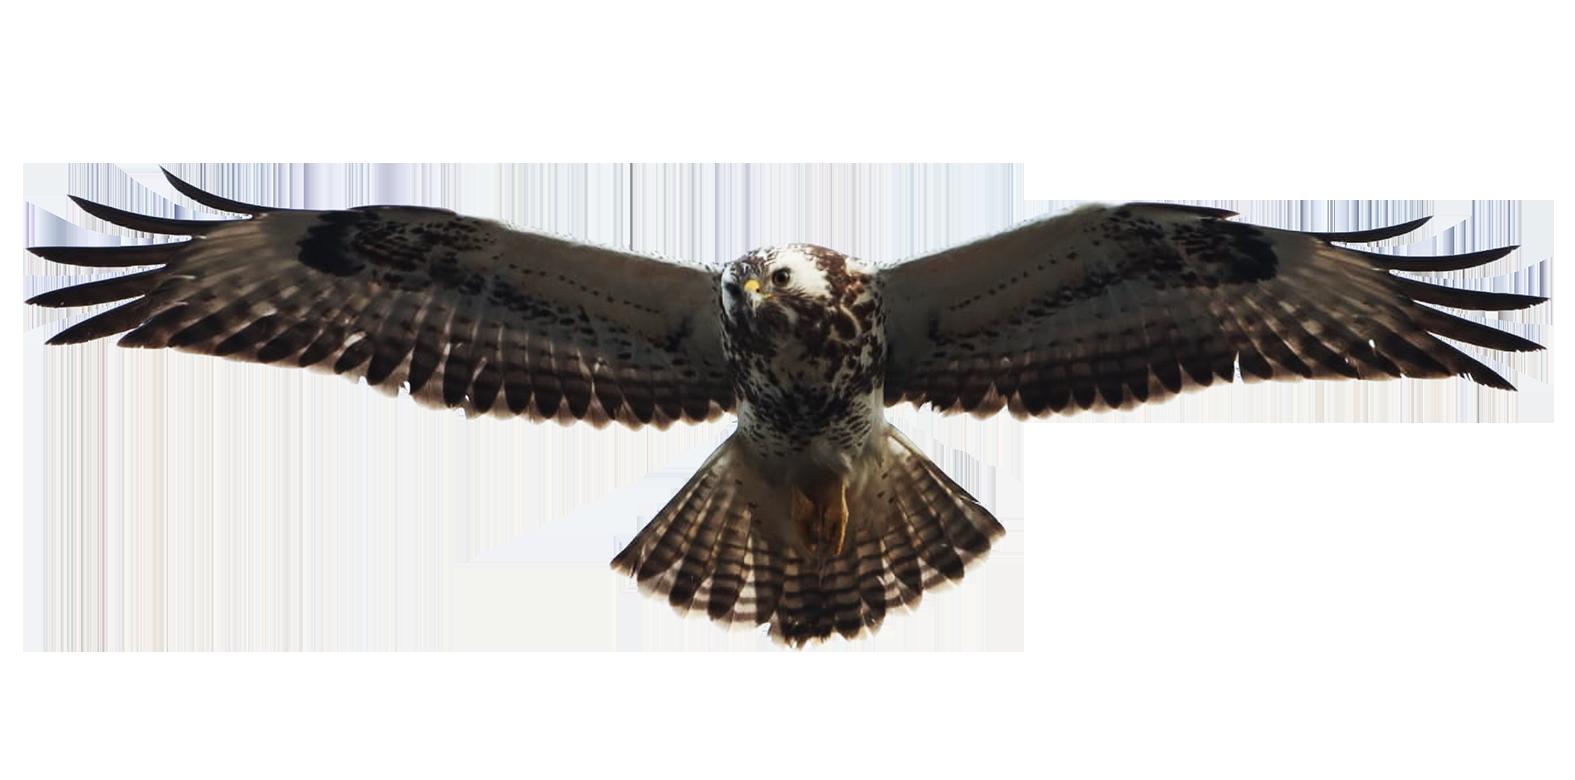 clip art of buzzard flying